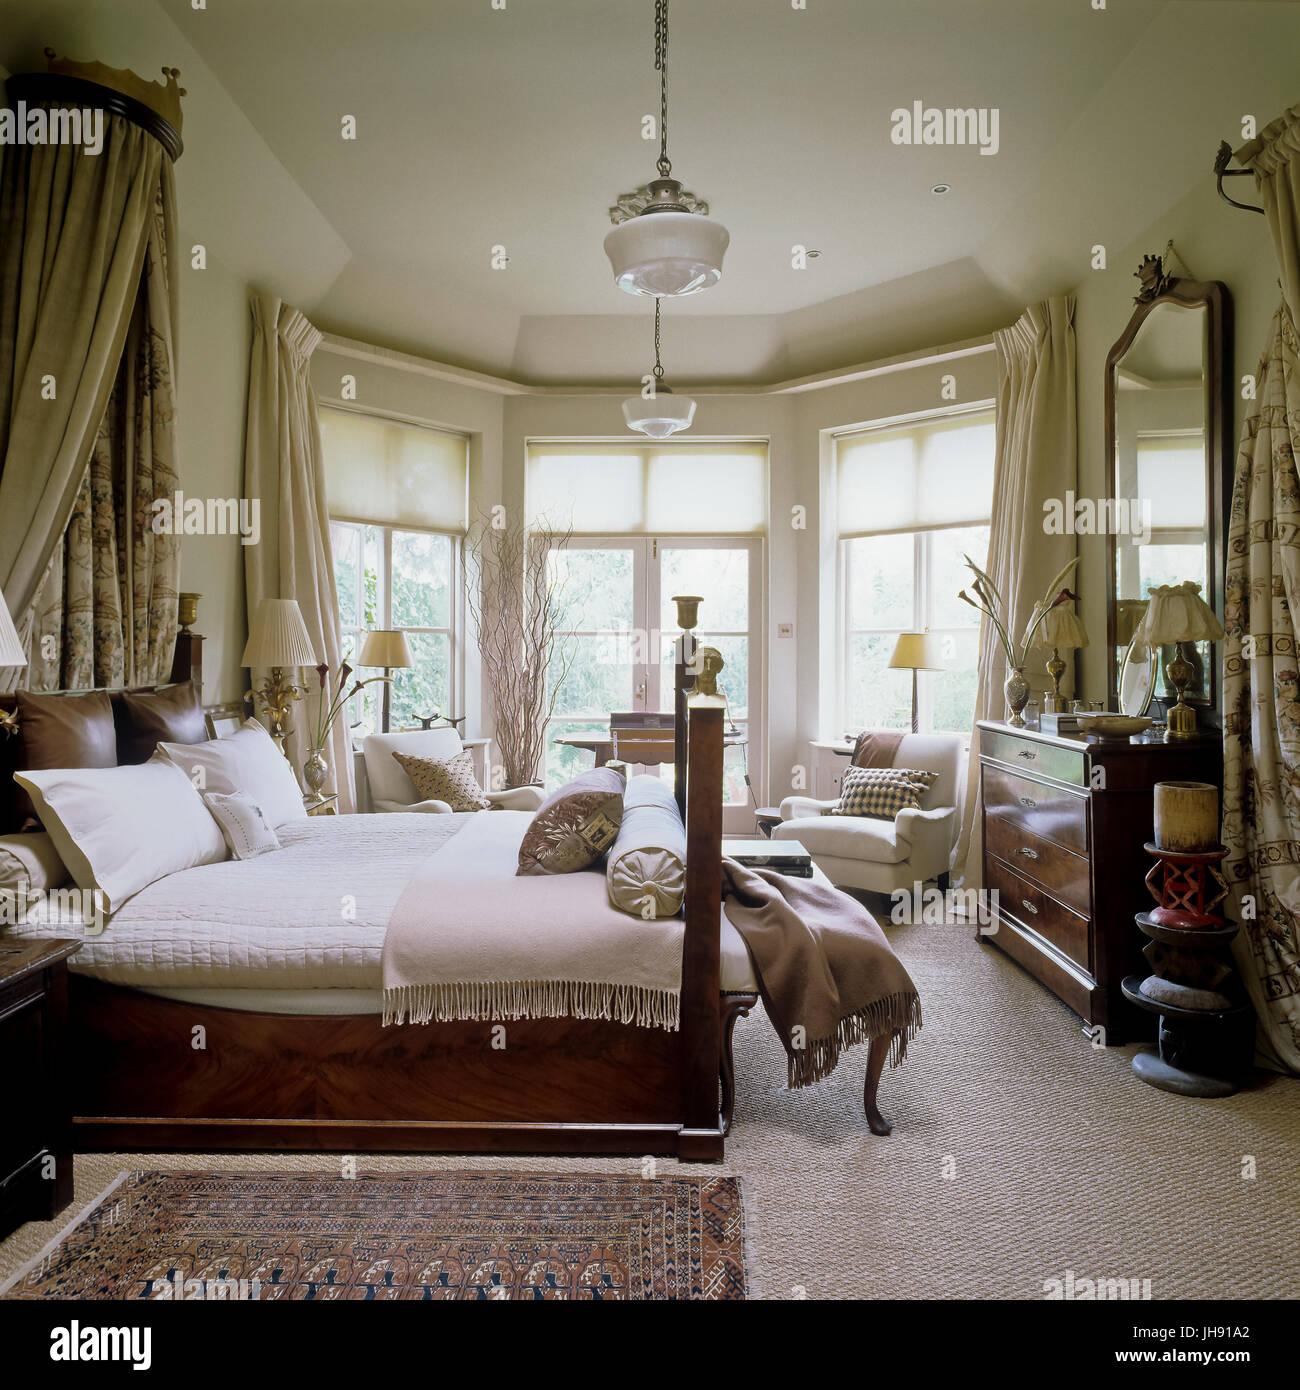 Gedämpfte Farben Schlafzimmer Stockfoto, Bild: 148330730 - Alamy